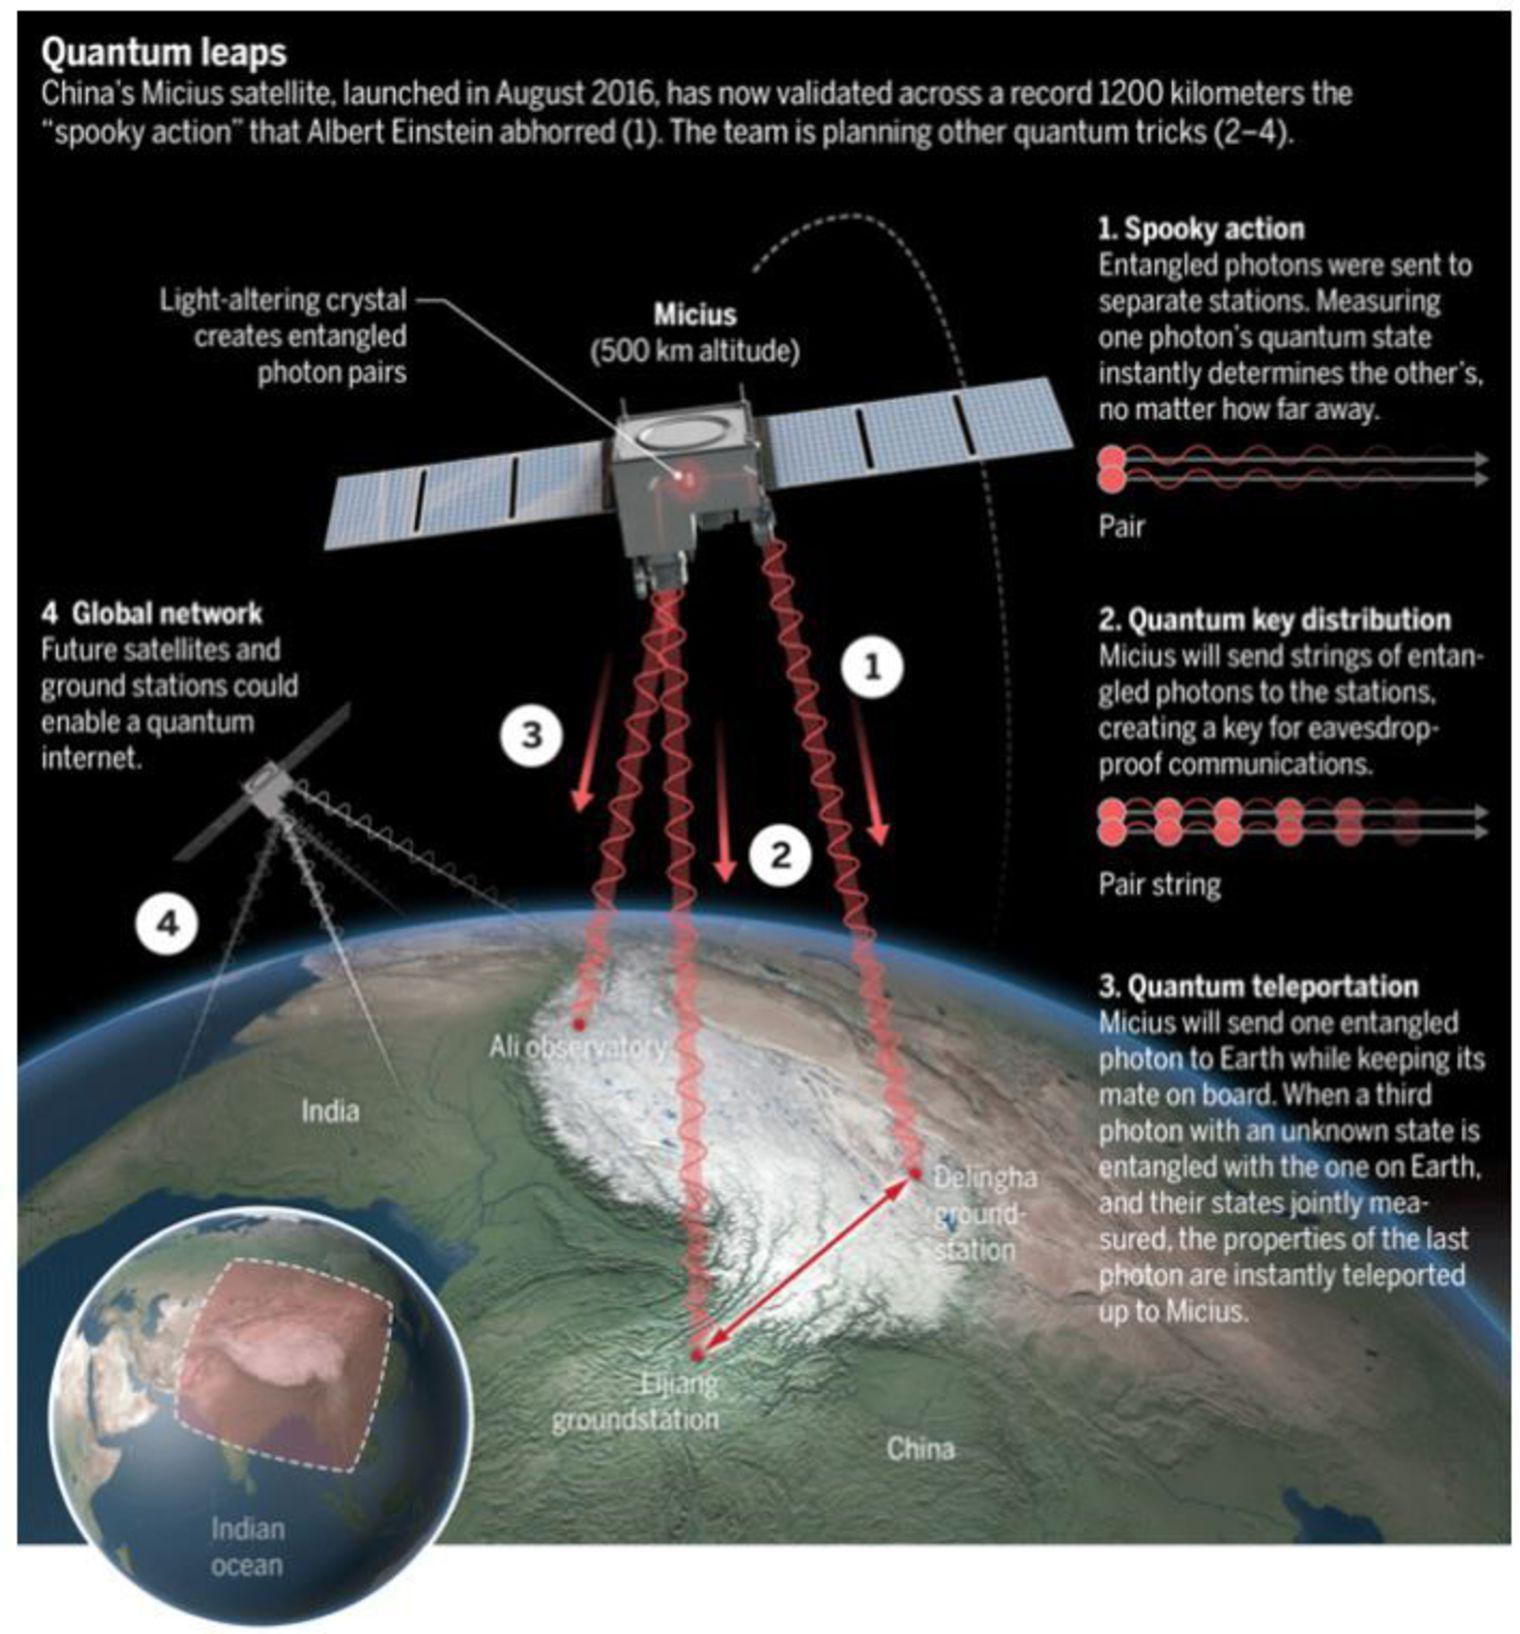 Croquis du systeme mis en place pour parvenir a une teleportation quantique de 1200 km 5899359